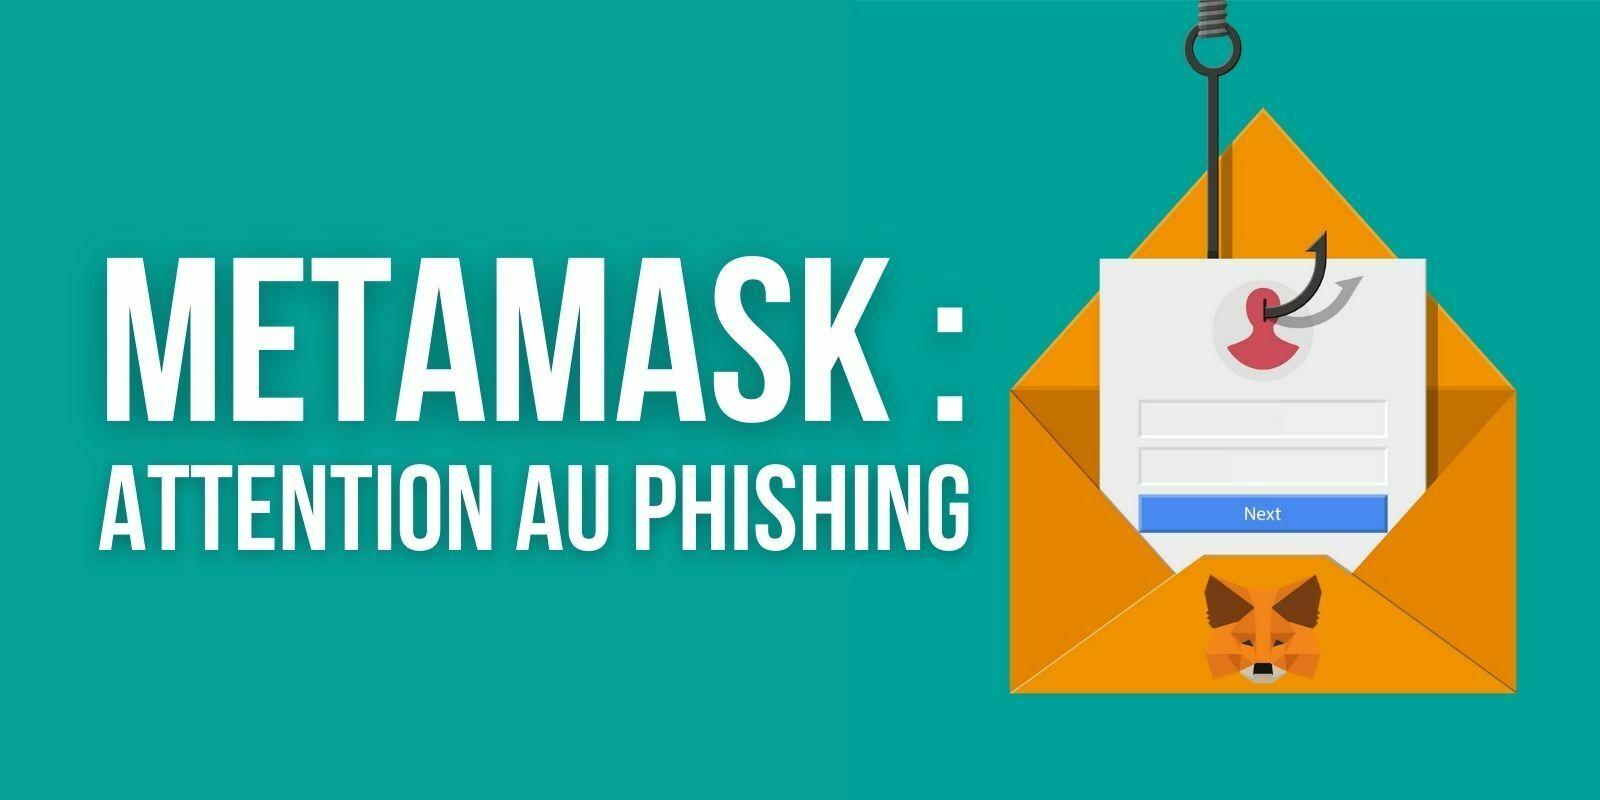 MetaMasklance l'alerte sur un nouveau scam visant ses utilisateurs